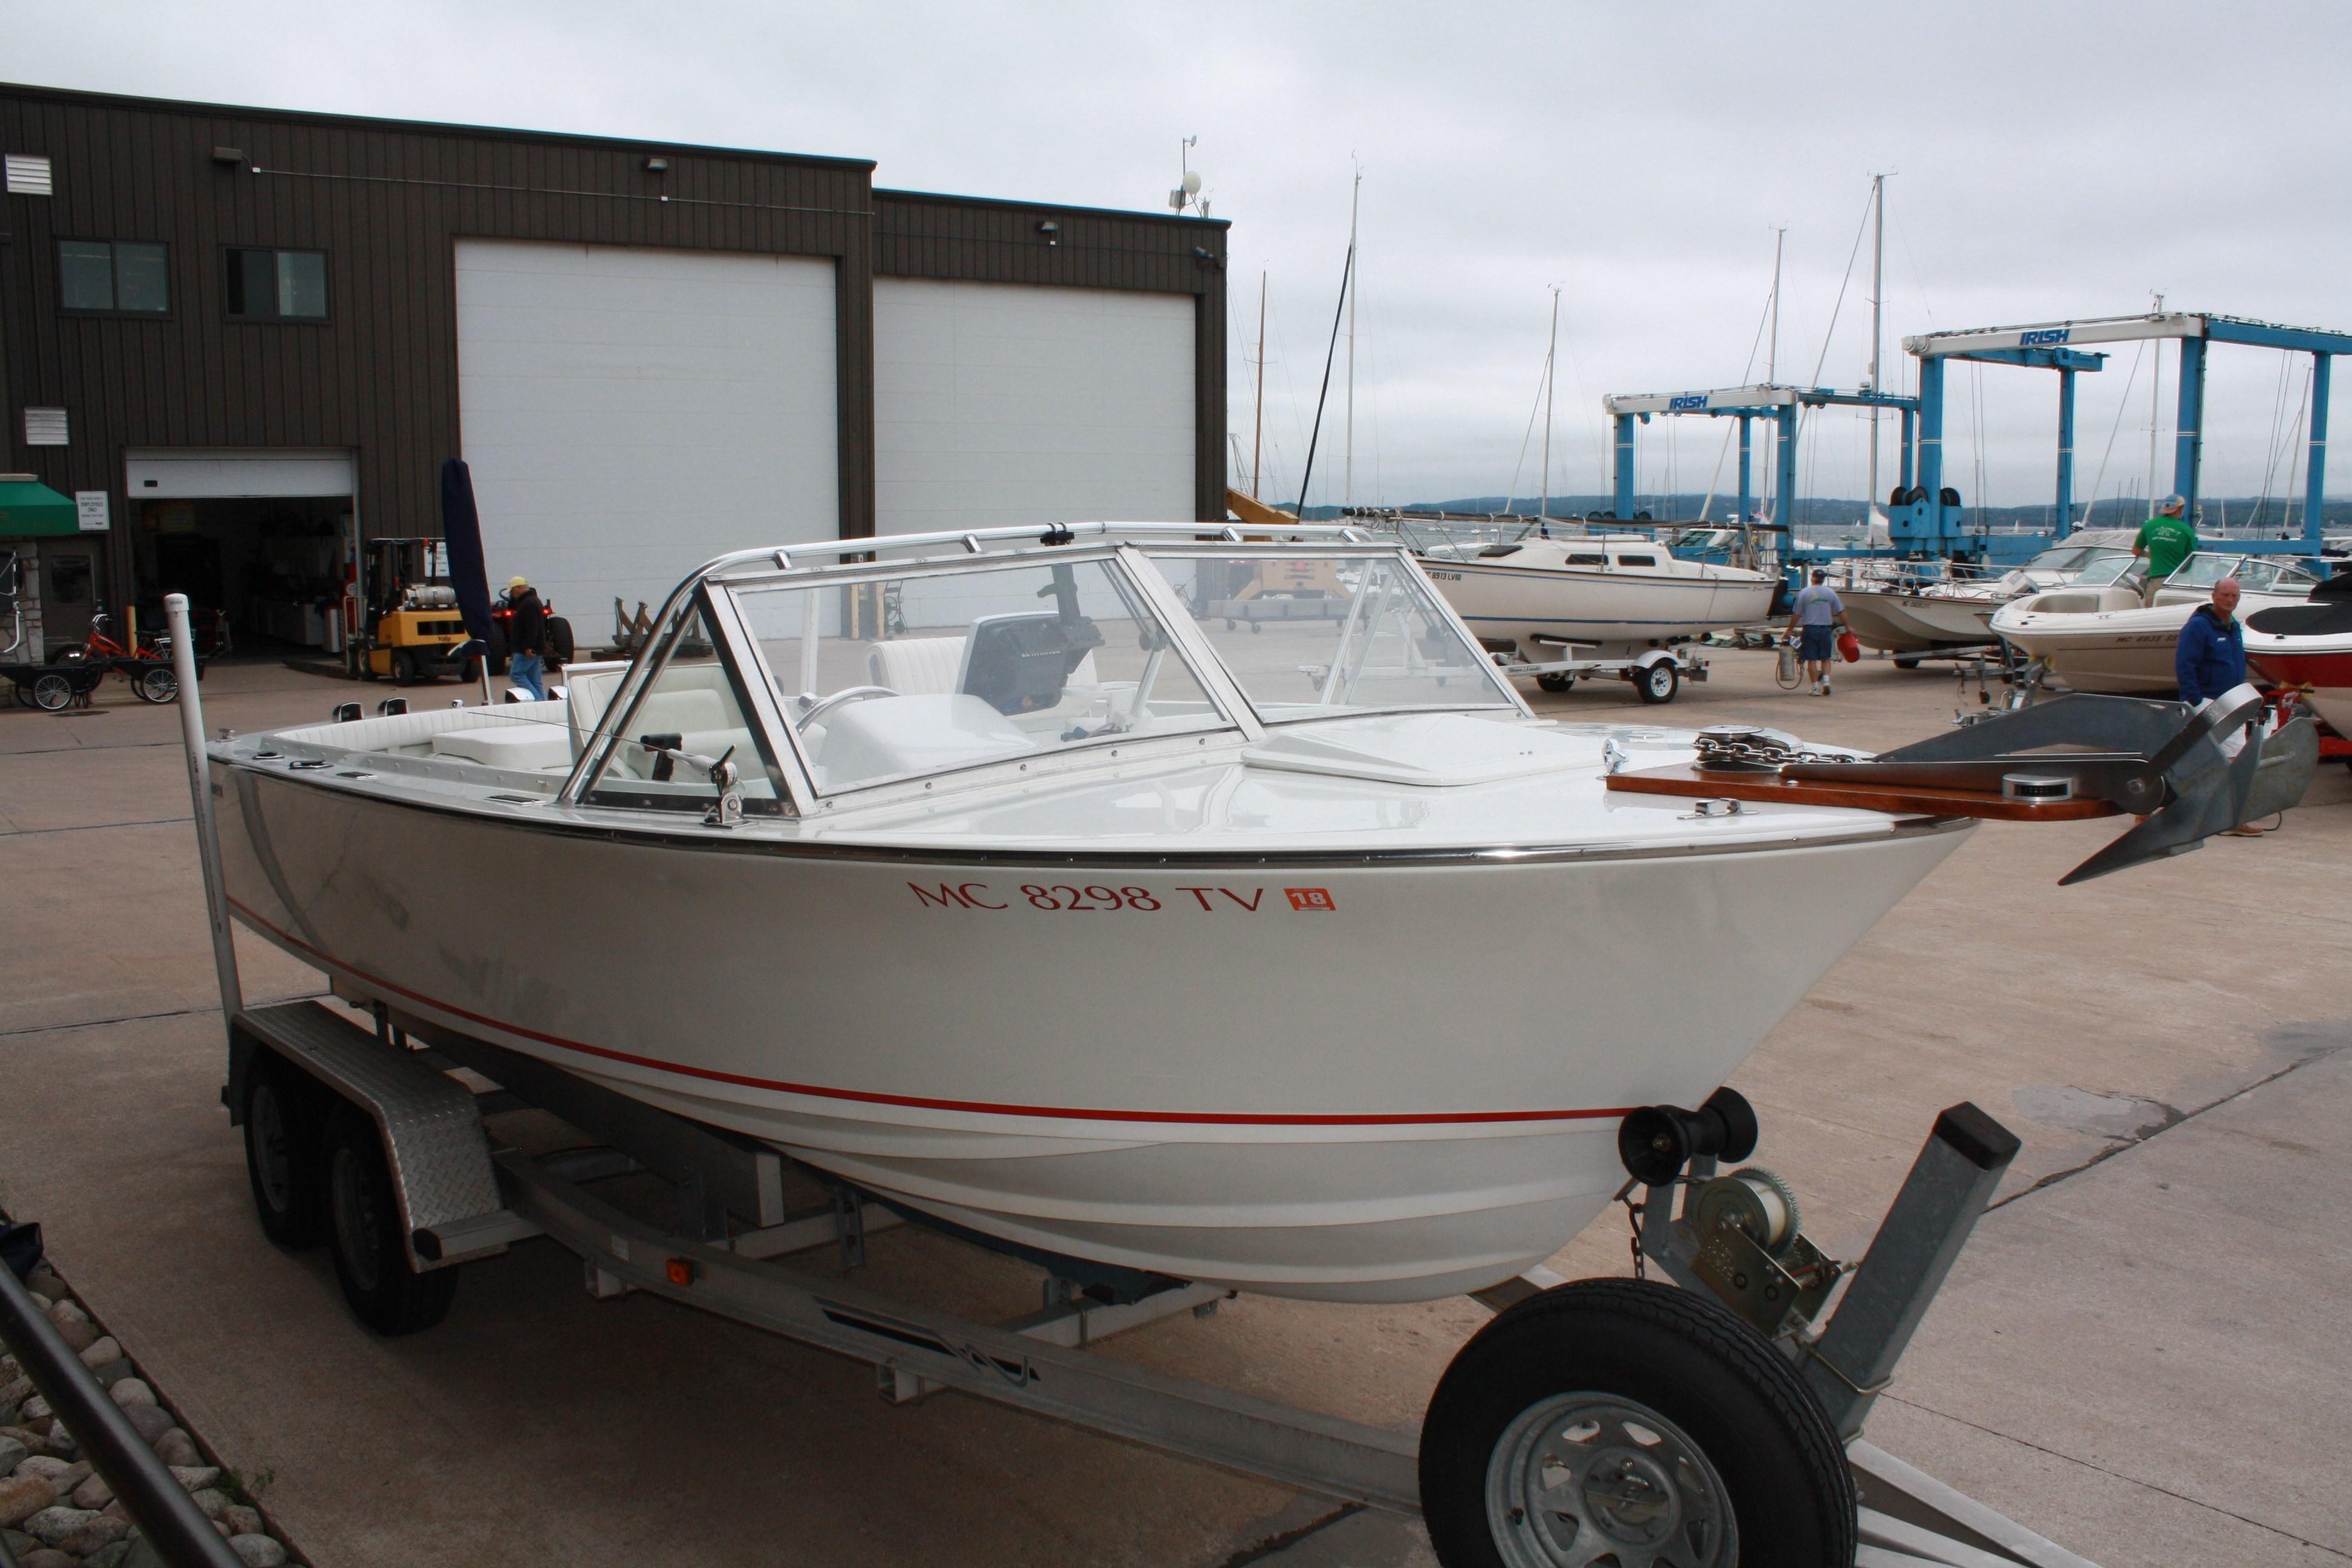 1964 bertram moppie power boat for sale for Morro bay deep sea fishing